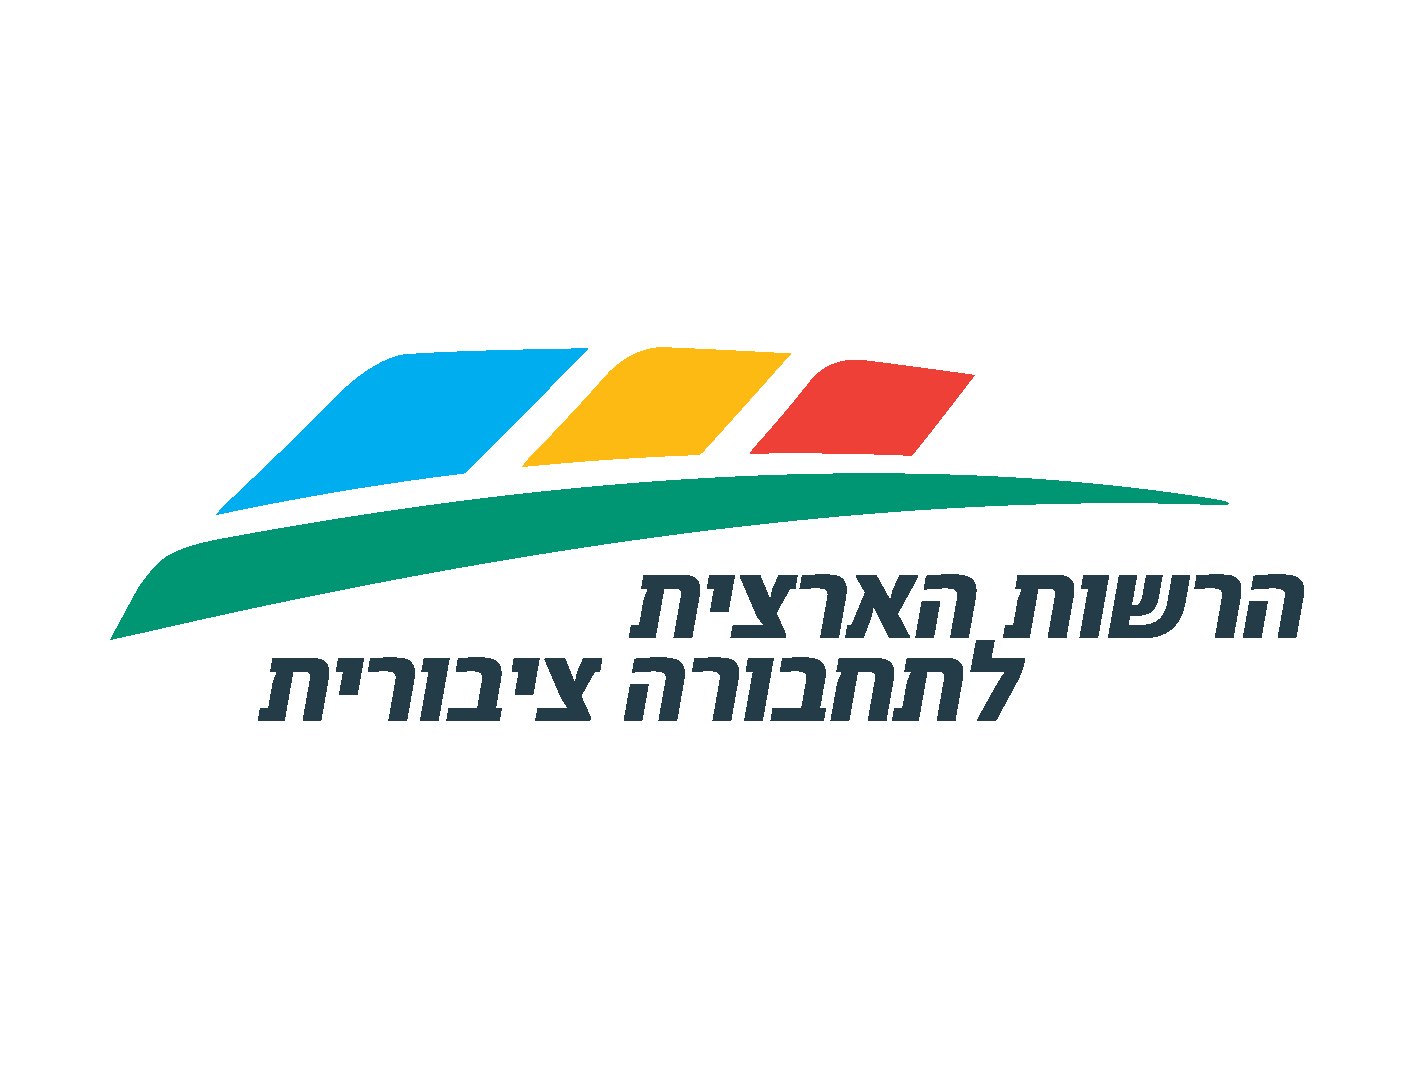 הרשות הארצית לתחבורה ציבורית - עיצוב לוגו